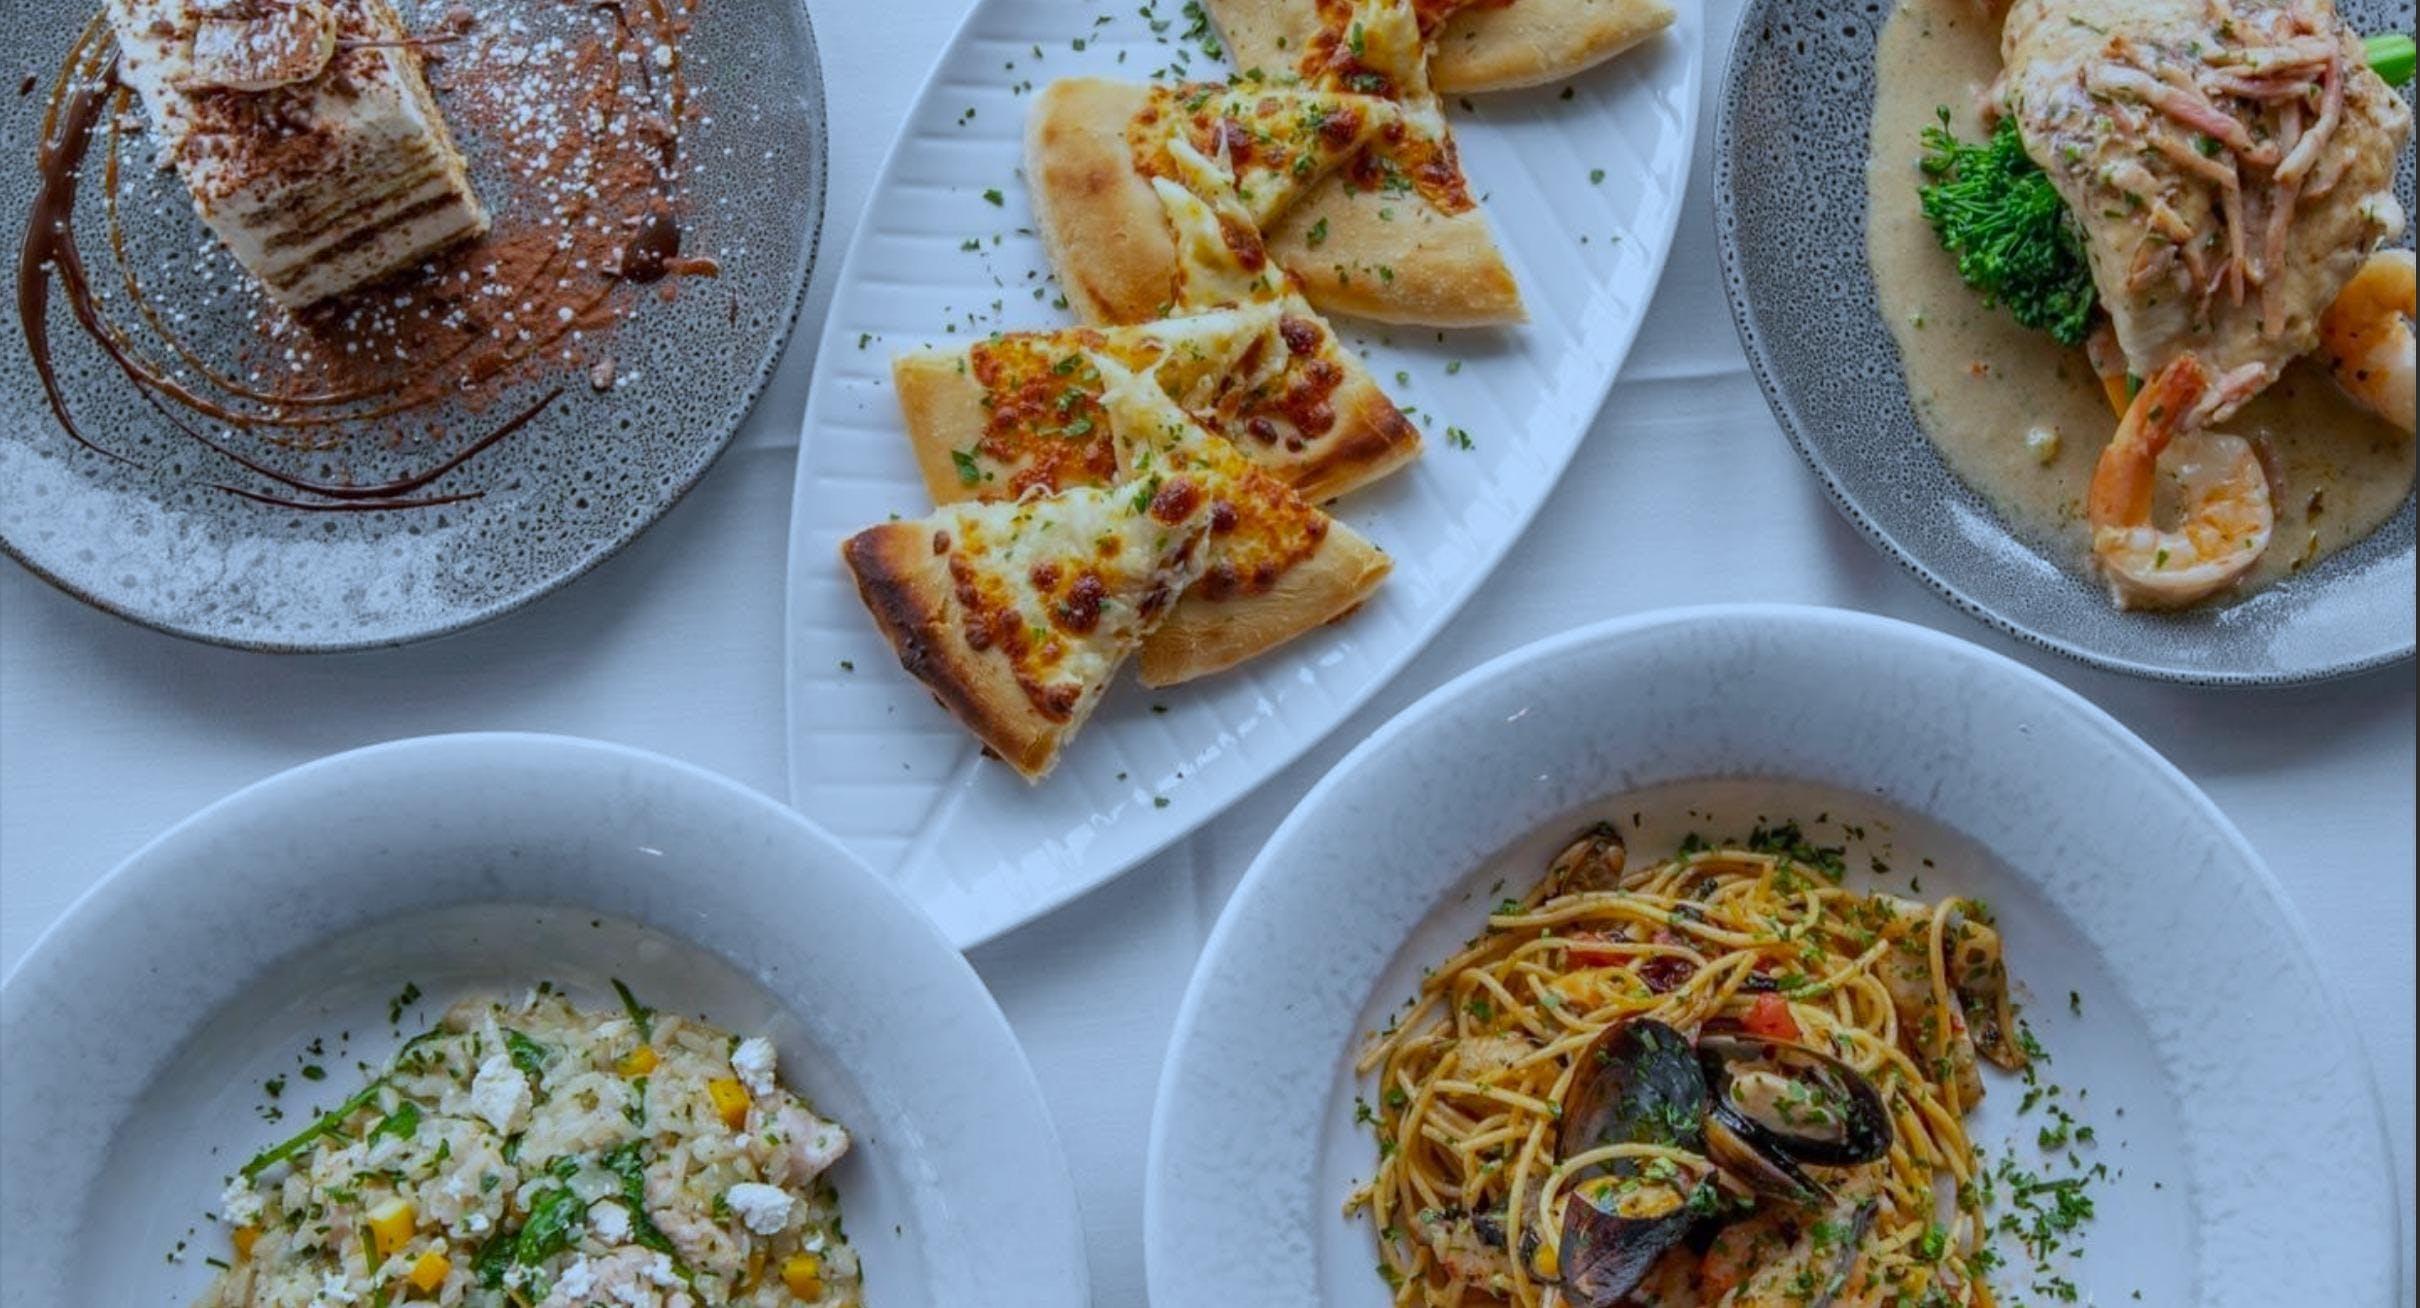 Photo of restaurant Bella Vista in Belconnen, Canberra